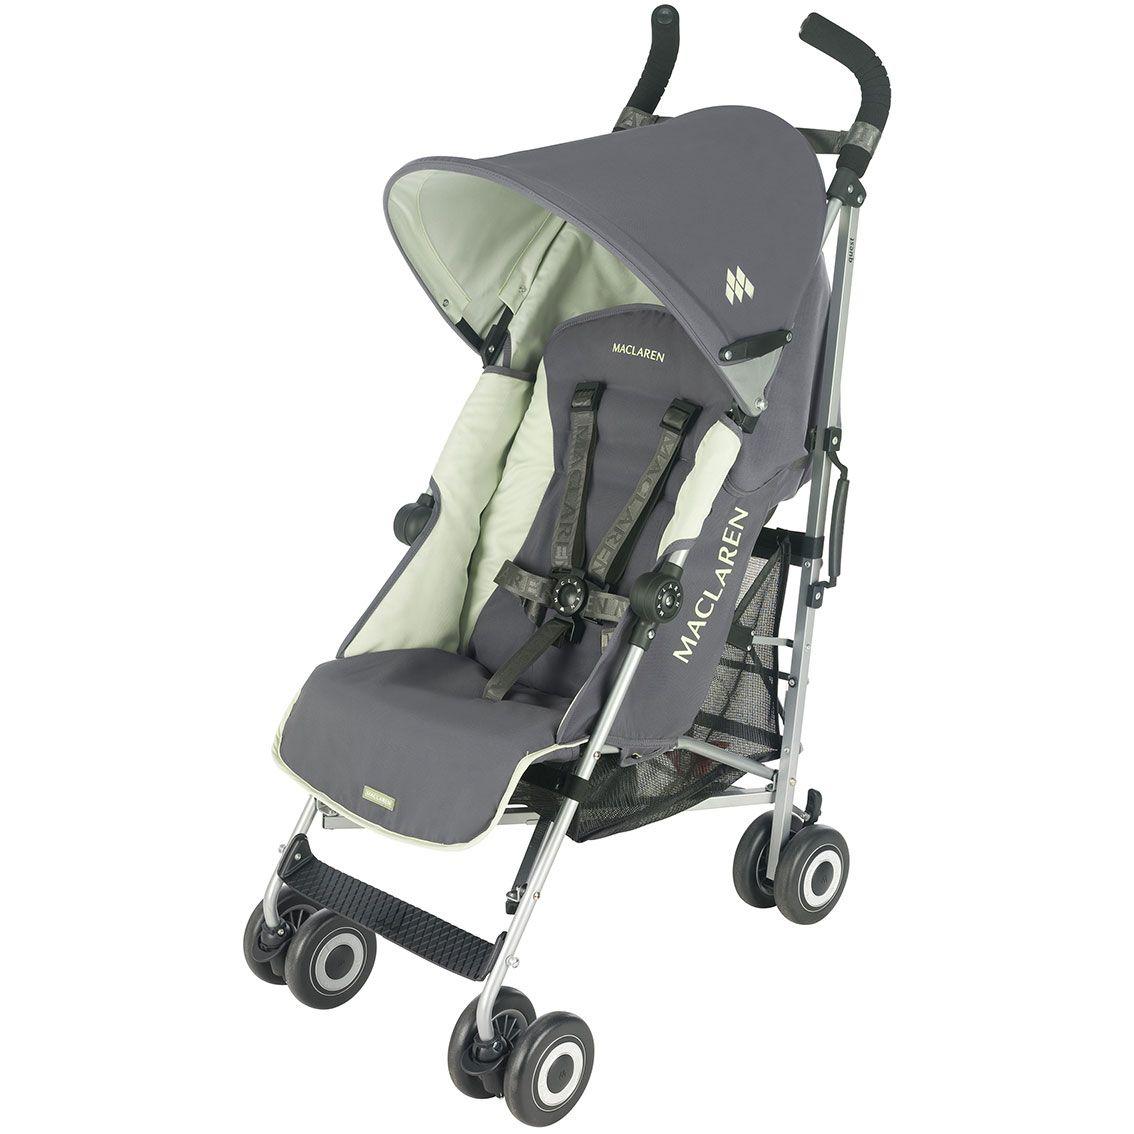 Maclaren Quest Sport Stroller w/ Bonus Raincover and Seat